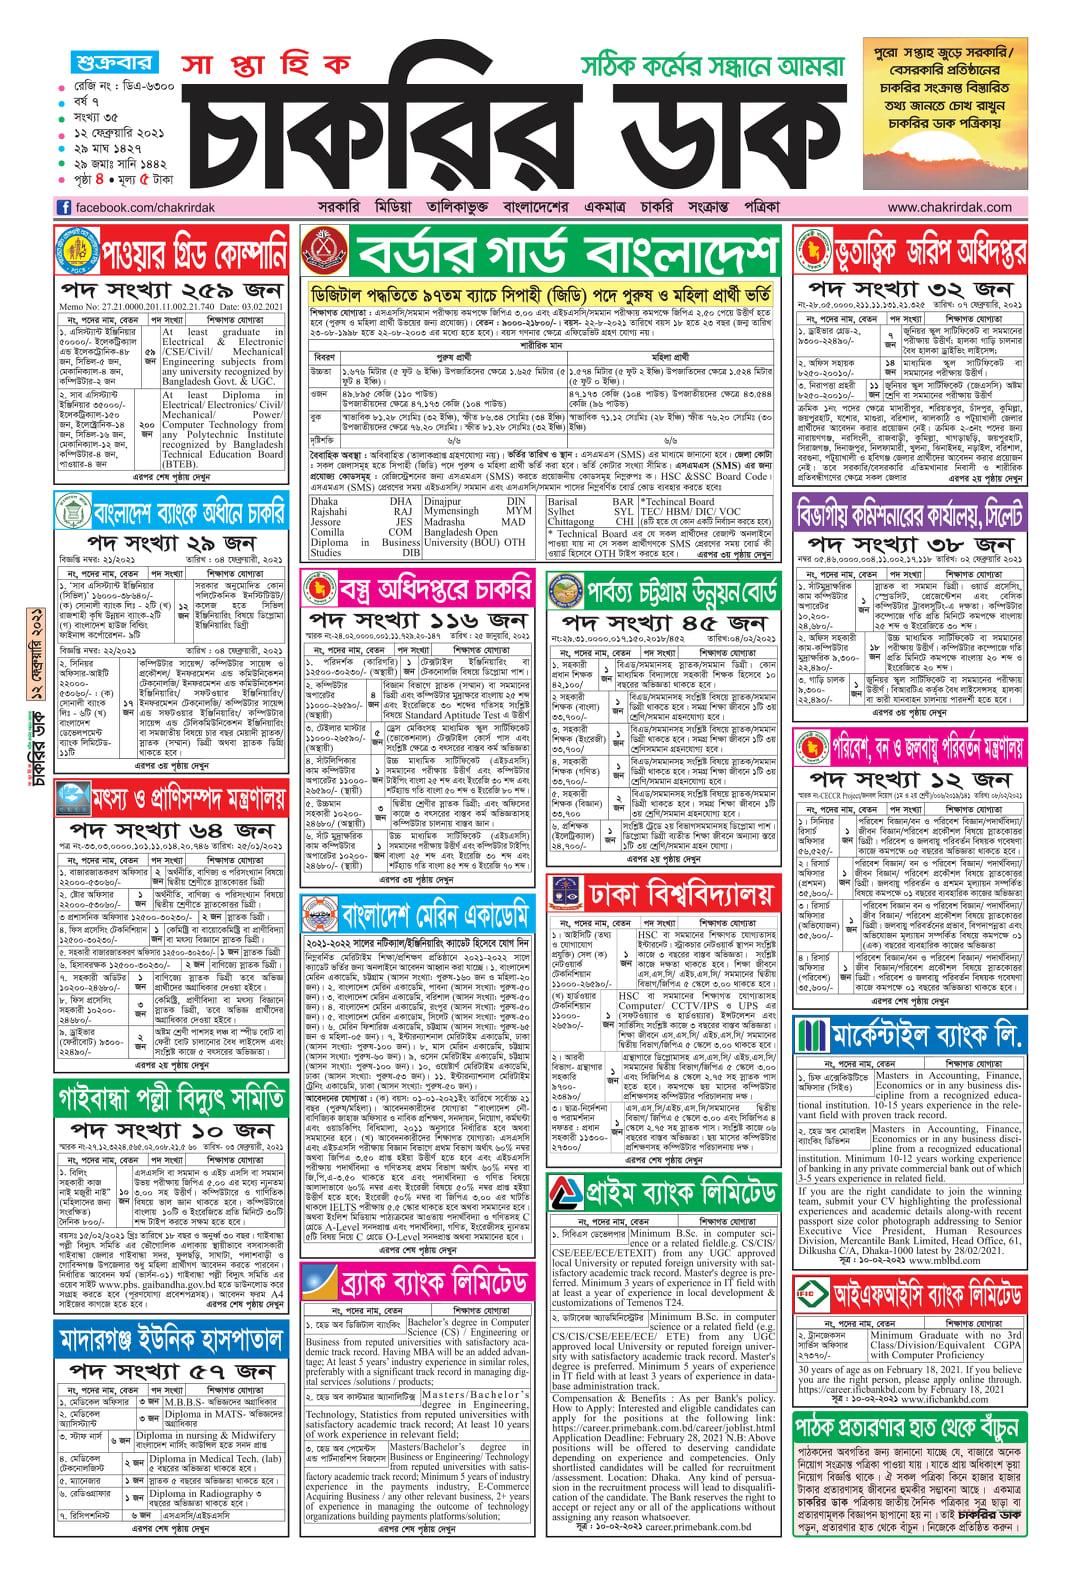 চাকরির পত্রিকা : সাপ্তাহিক চাকরির ডাক ১২ ফেব্রুয়ারি ২০২১ | Saptahik Chakrir Dak 12 February 2021 Pdf Download | চাকরির ডাক ১২/২/২০২১